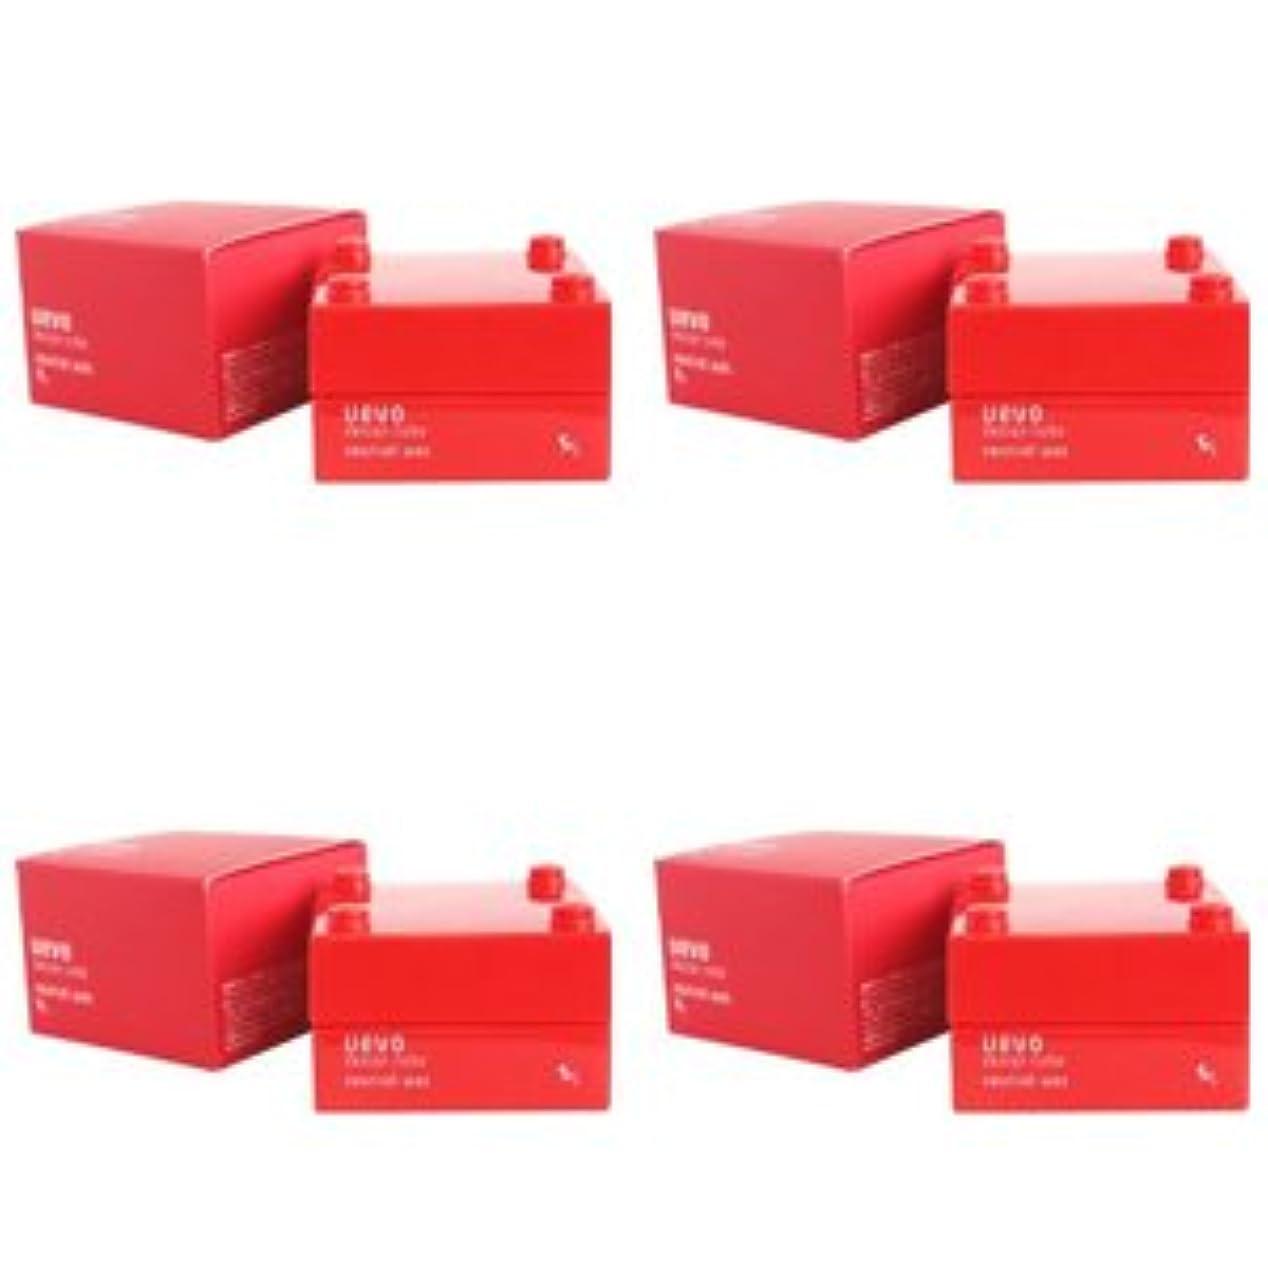 無限オンス神社【X4個セット】 デミ ウェーボ デザインキューブ ニュートラルワックス 30g neutral wax DEMI uevo design cube